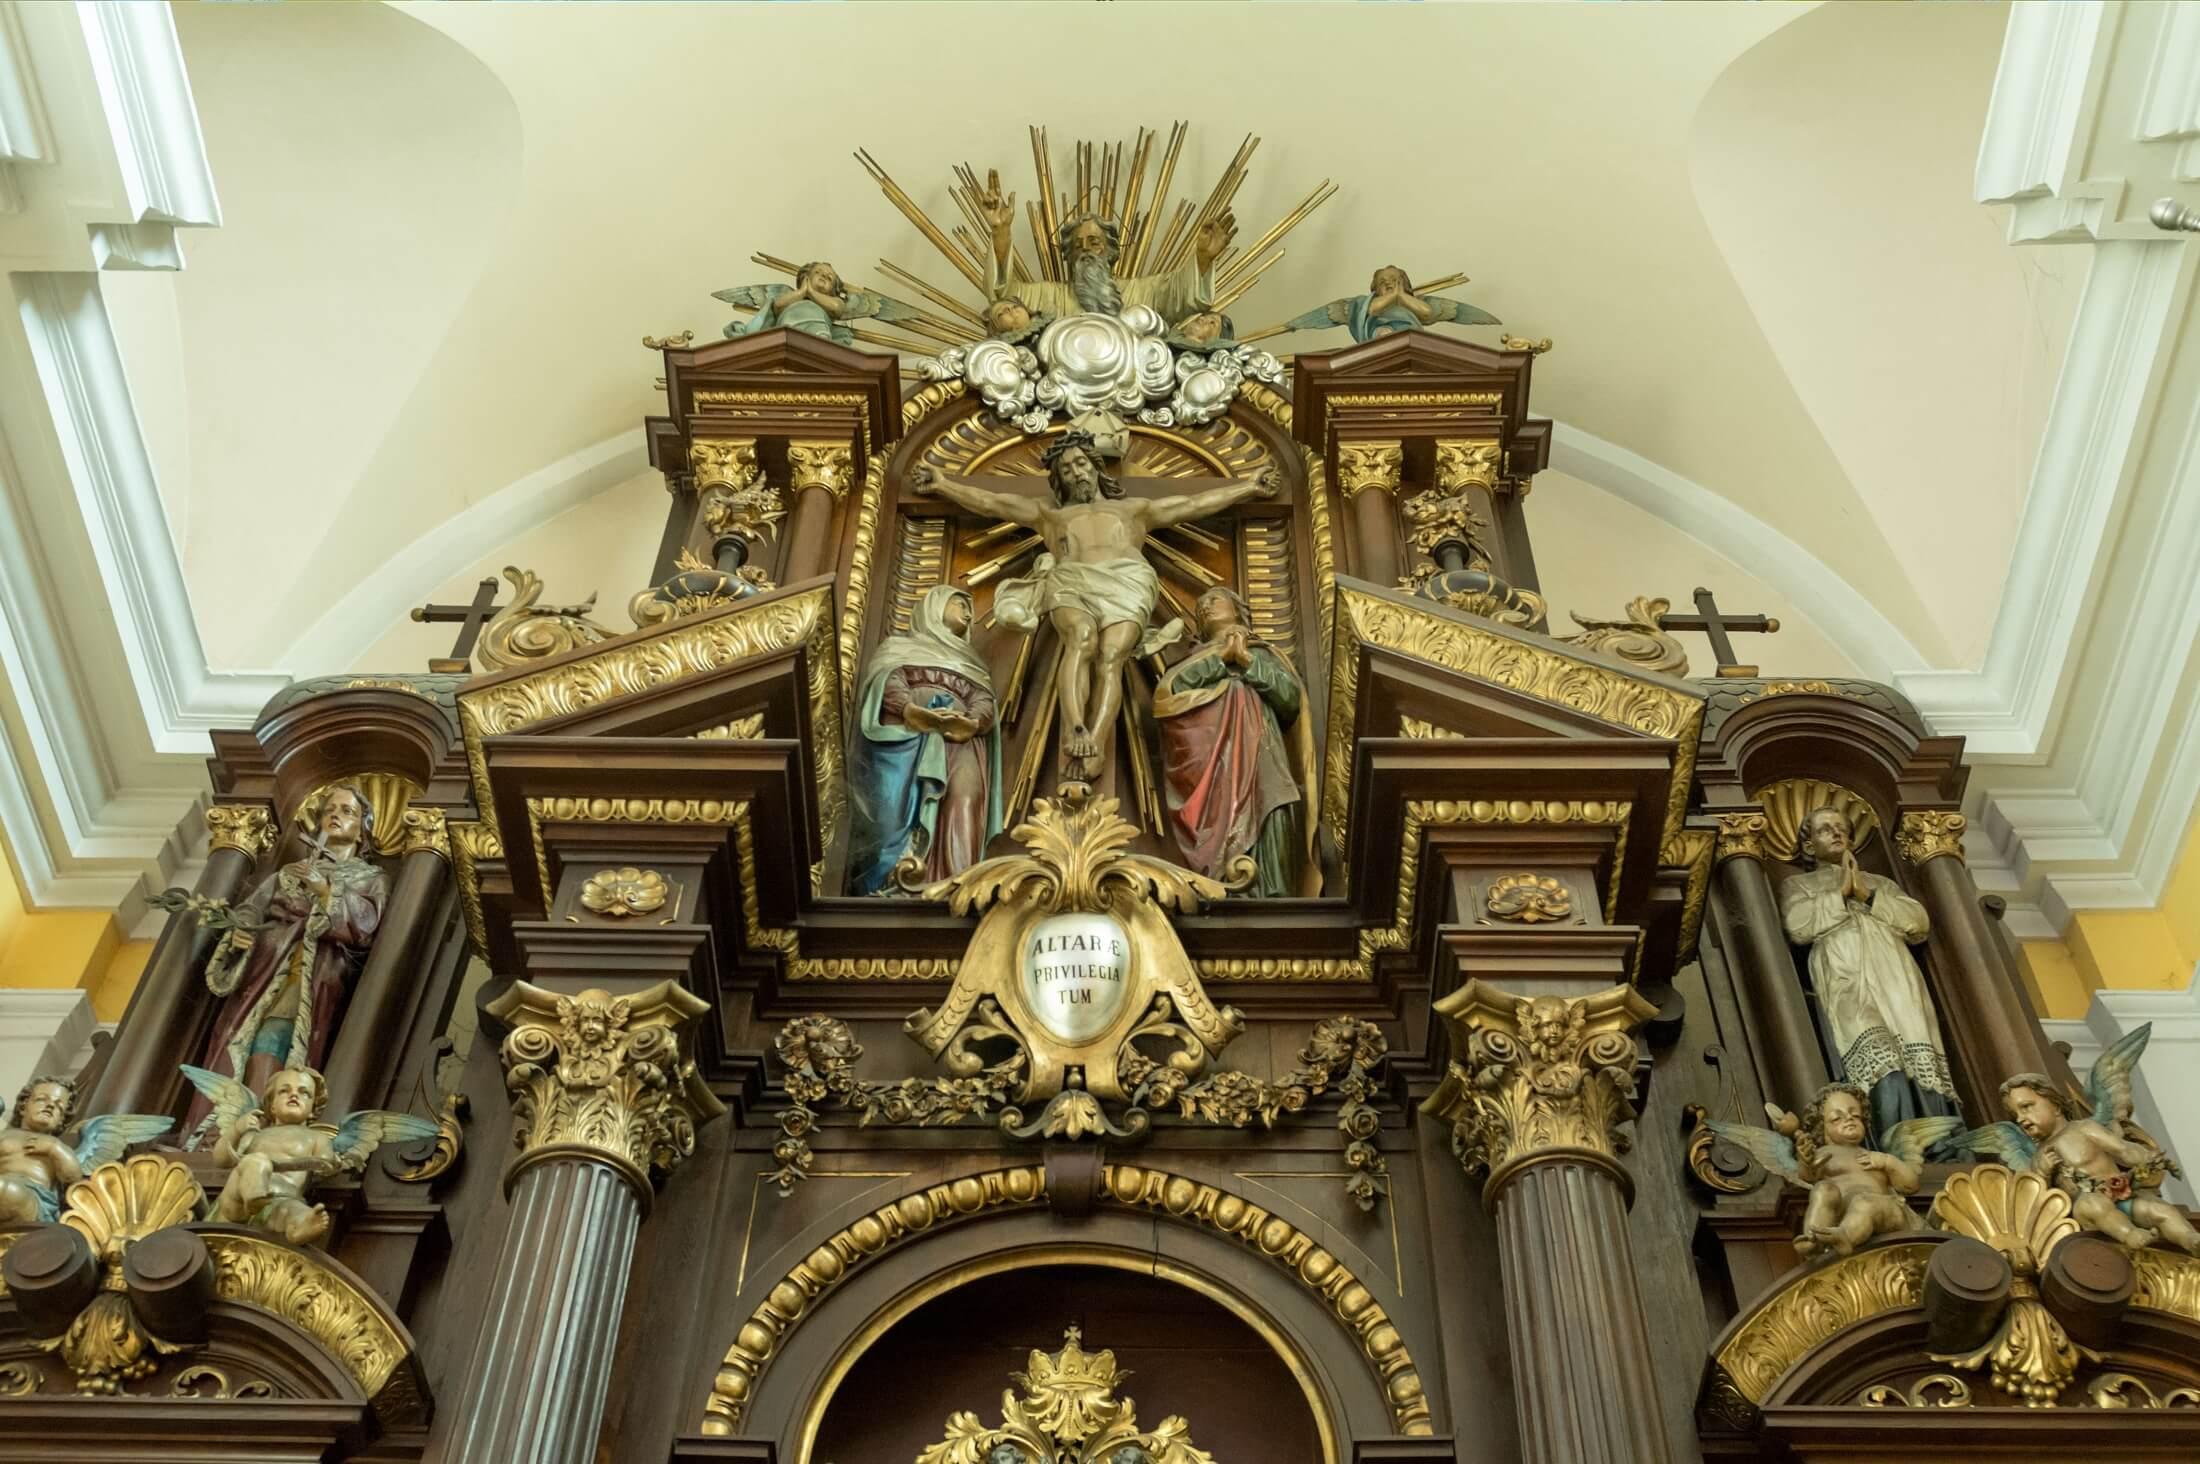 Laikat i duchowiestwo w Kociele katolickim w Polsce: